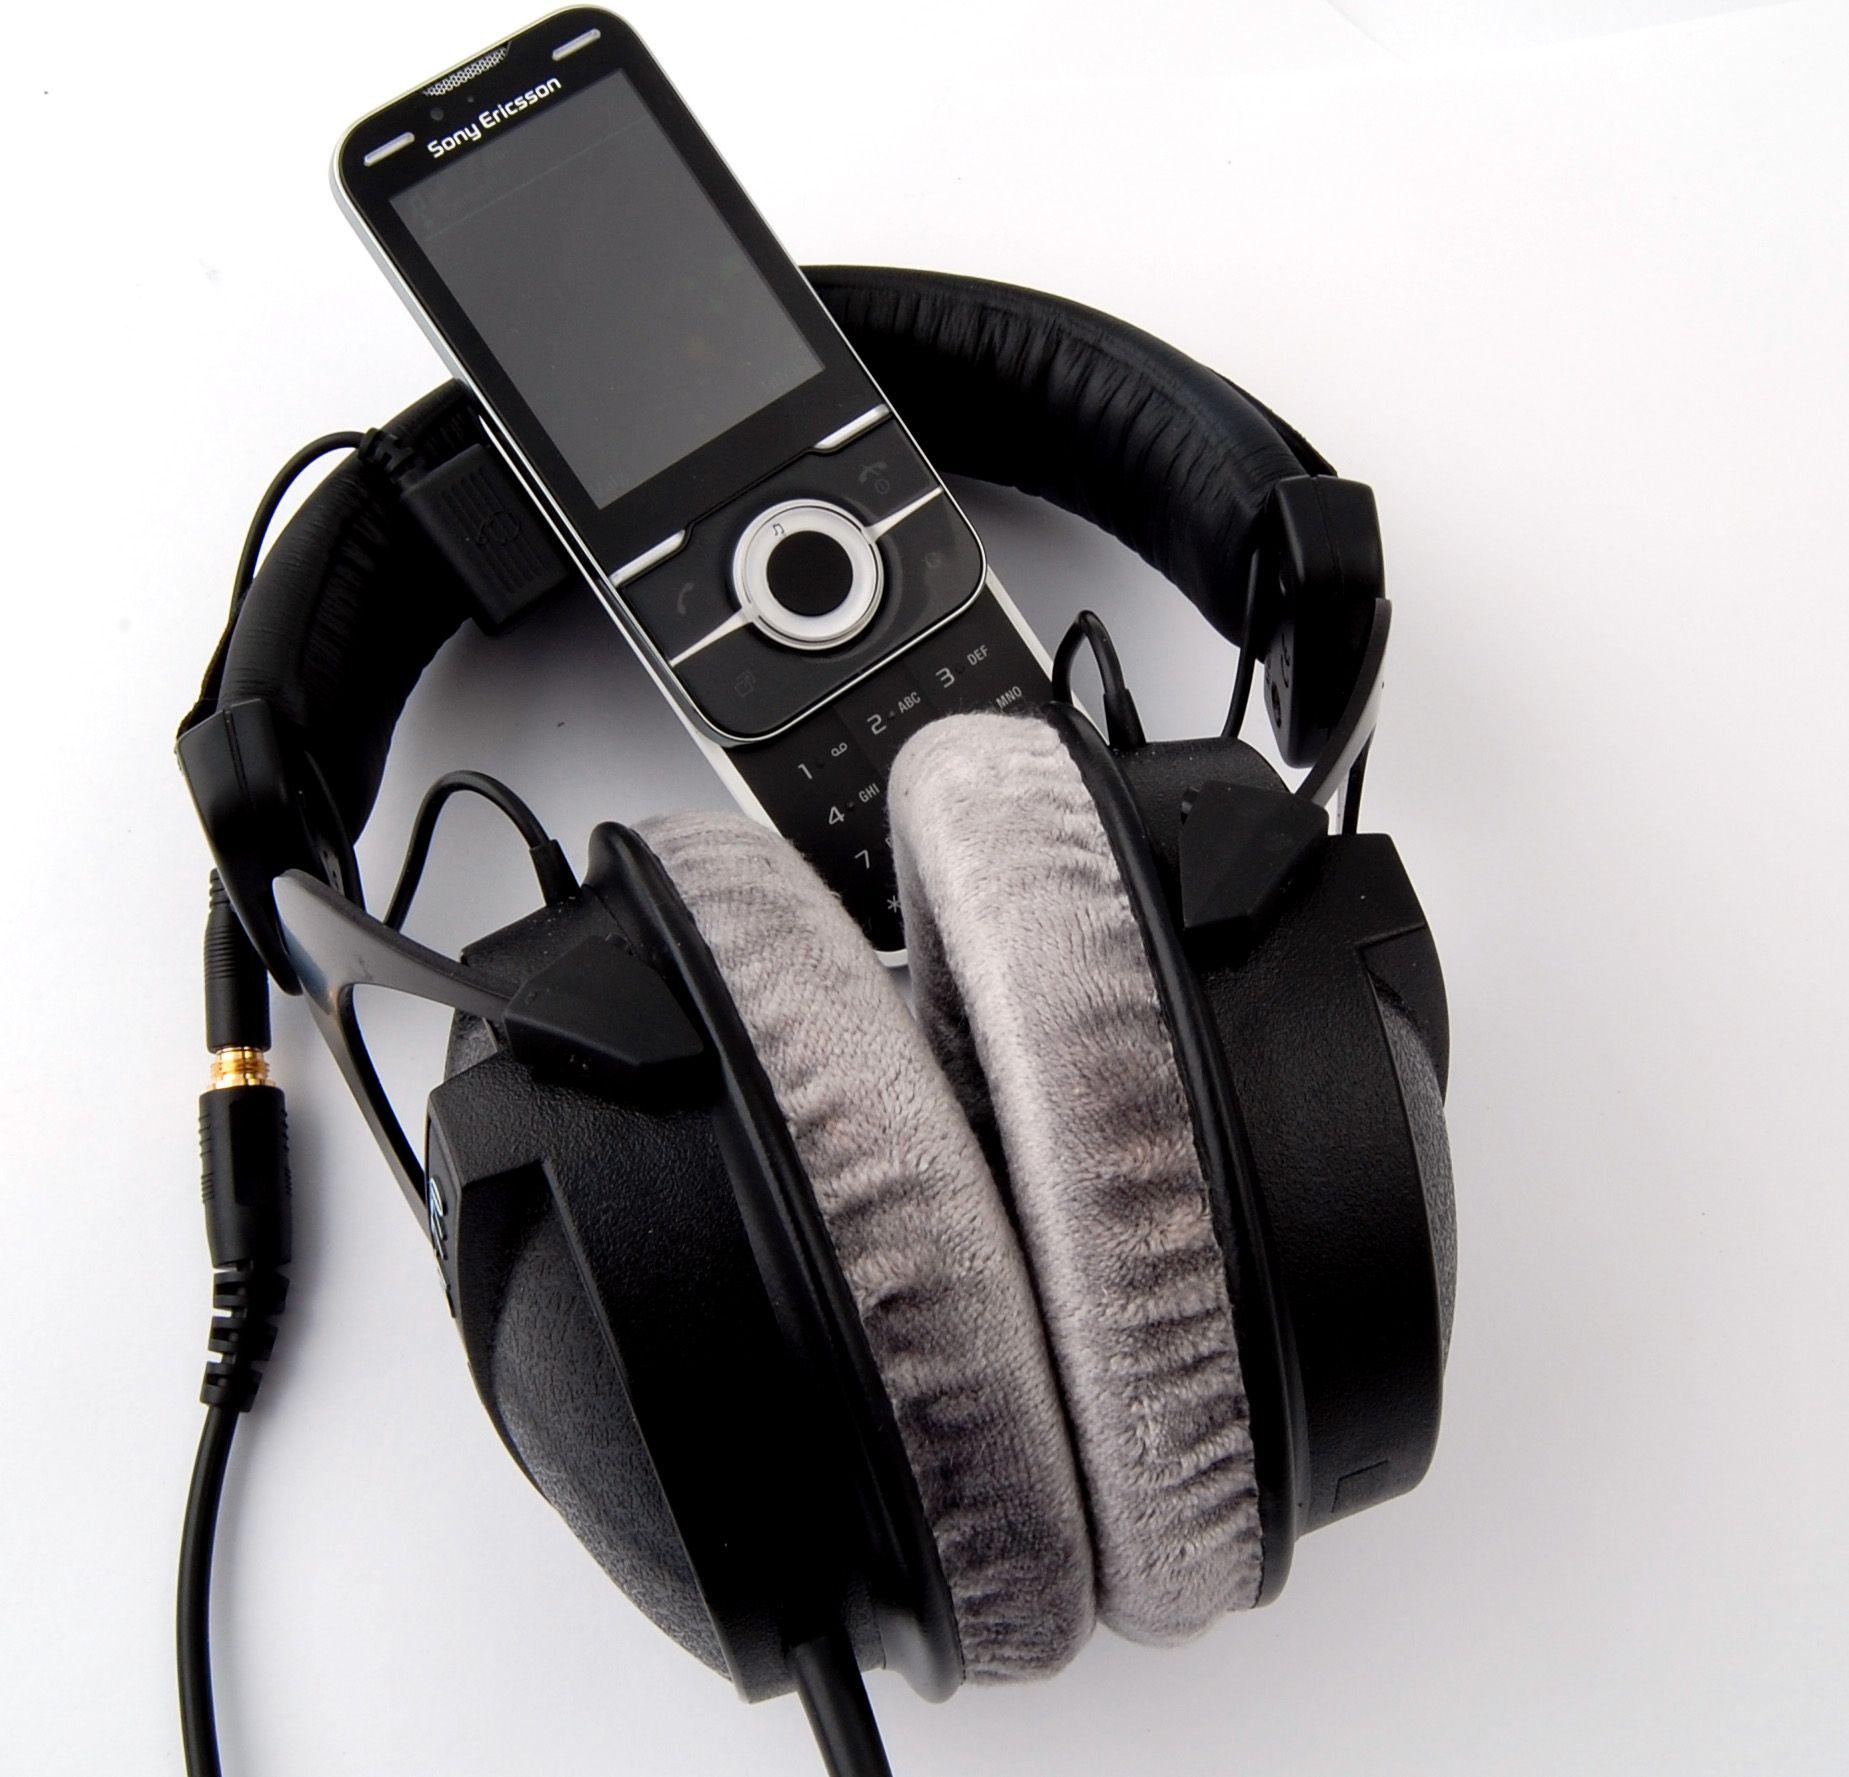 Yari i sitt rette element. Overgangen og hodetelefonene følger ikke med og må kjøpes utenom.